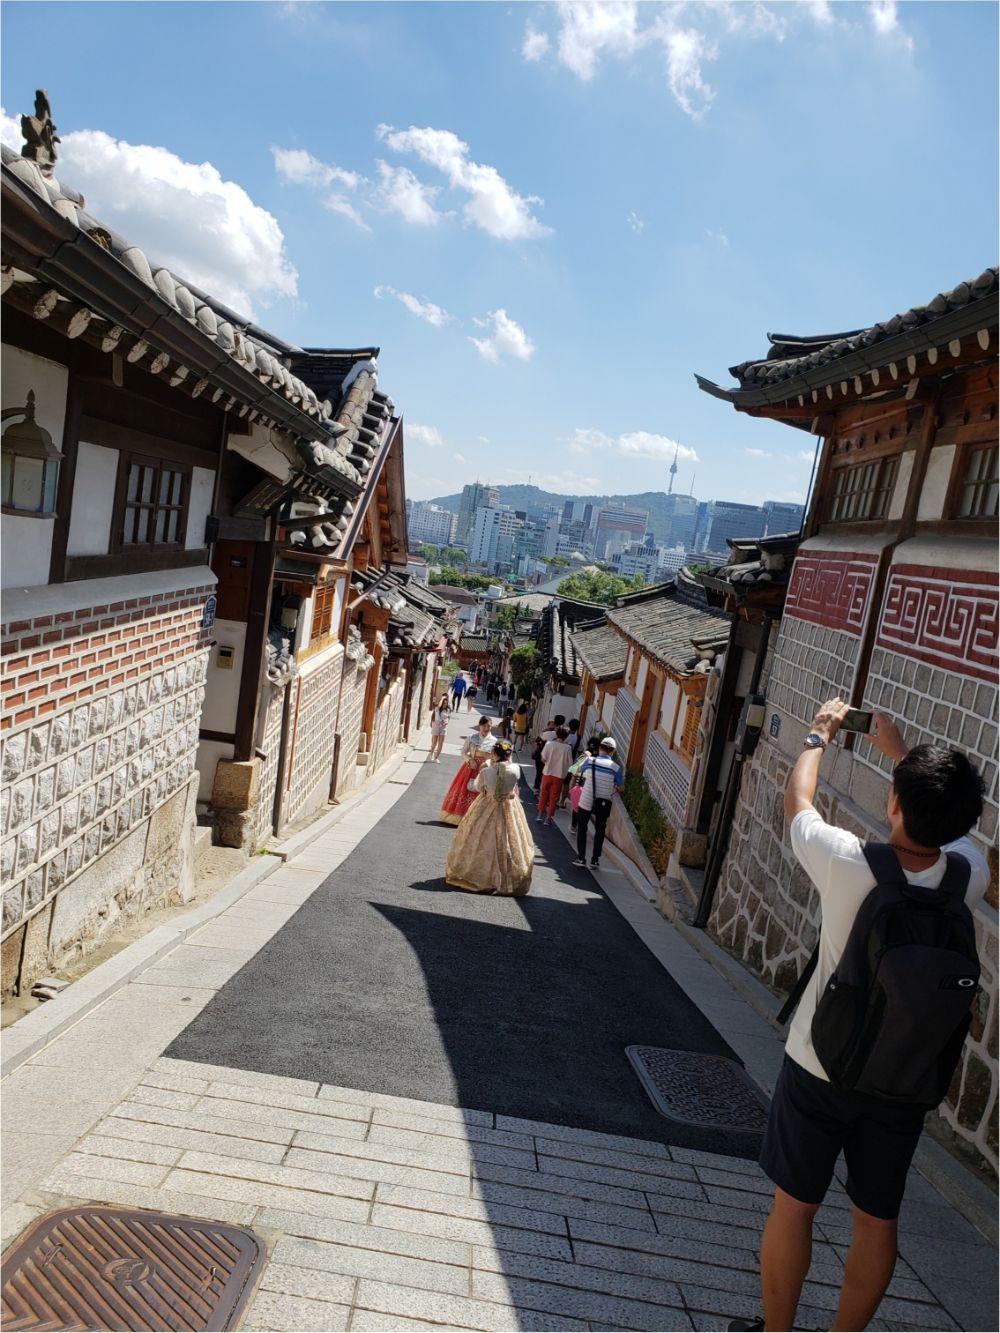 韓国のおすすめ観光スポット特集 - かわいいカフェ、ショップなど韓国女子旅情報!_41